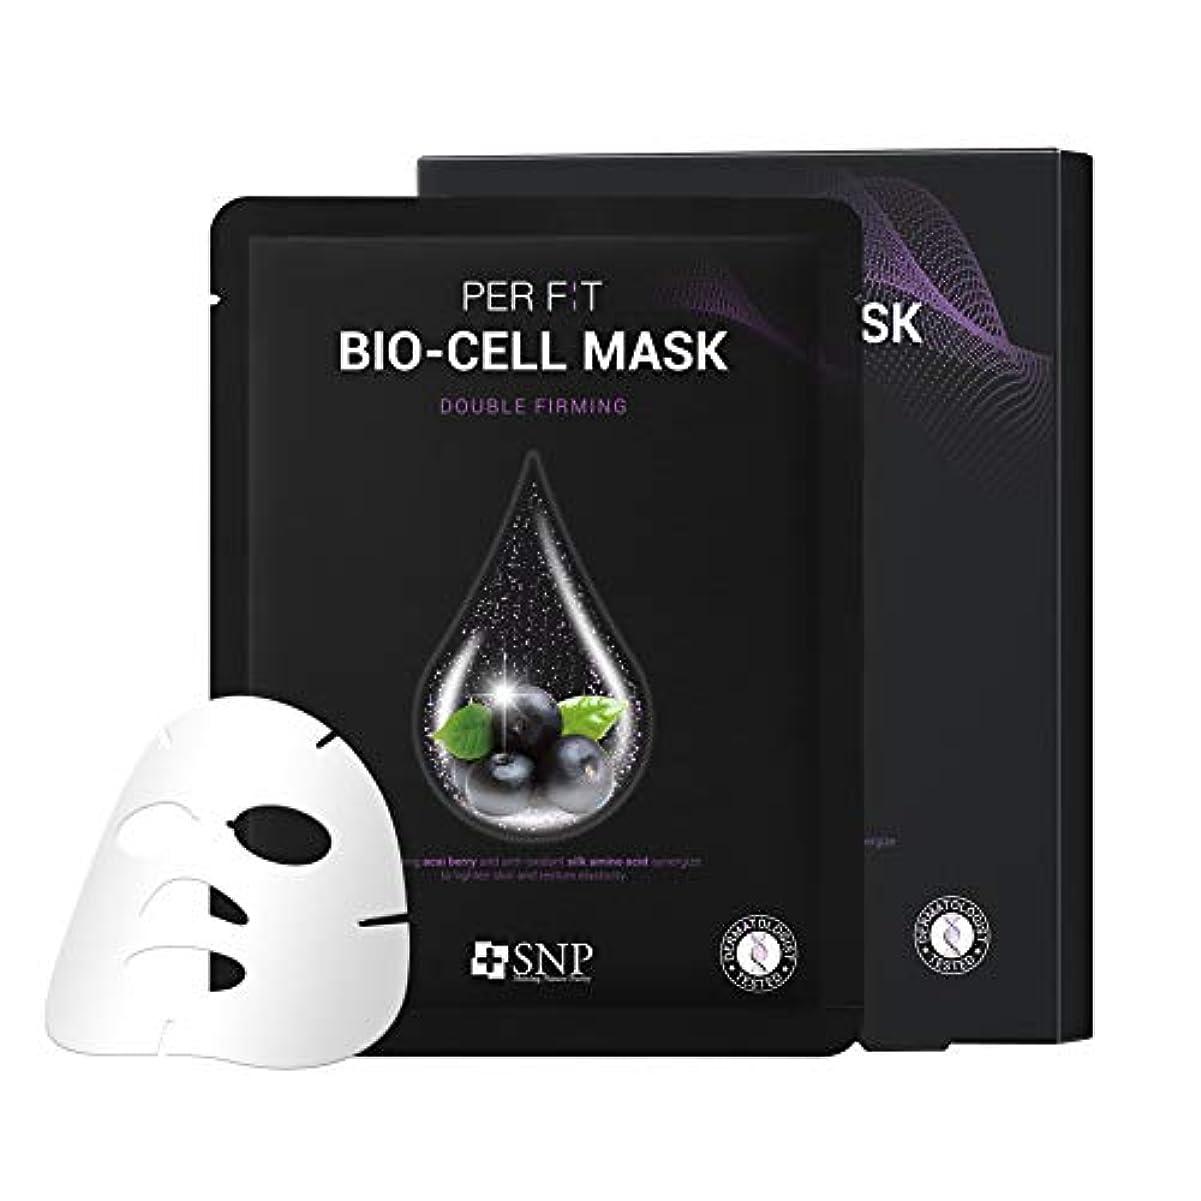 農場オート納得させる【SNP公式】パーフィット バイオセルマスク ダブルファーミング 5枚セット / PER F:T BIO-CELL MASK DOUBLE FIRMING 韓国パック 韓国コスメ パック マスクパック シートマスク